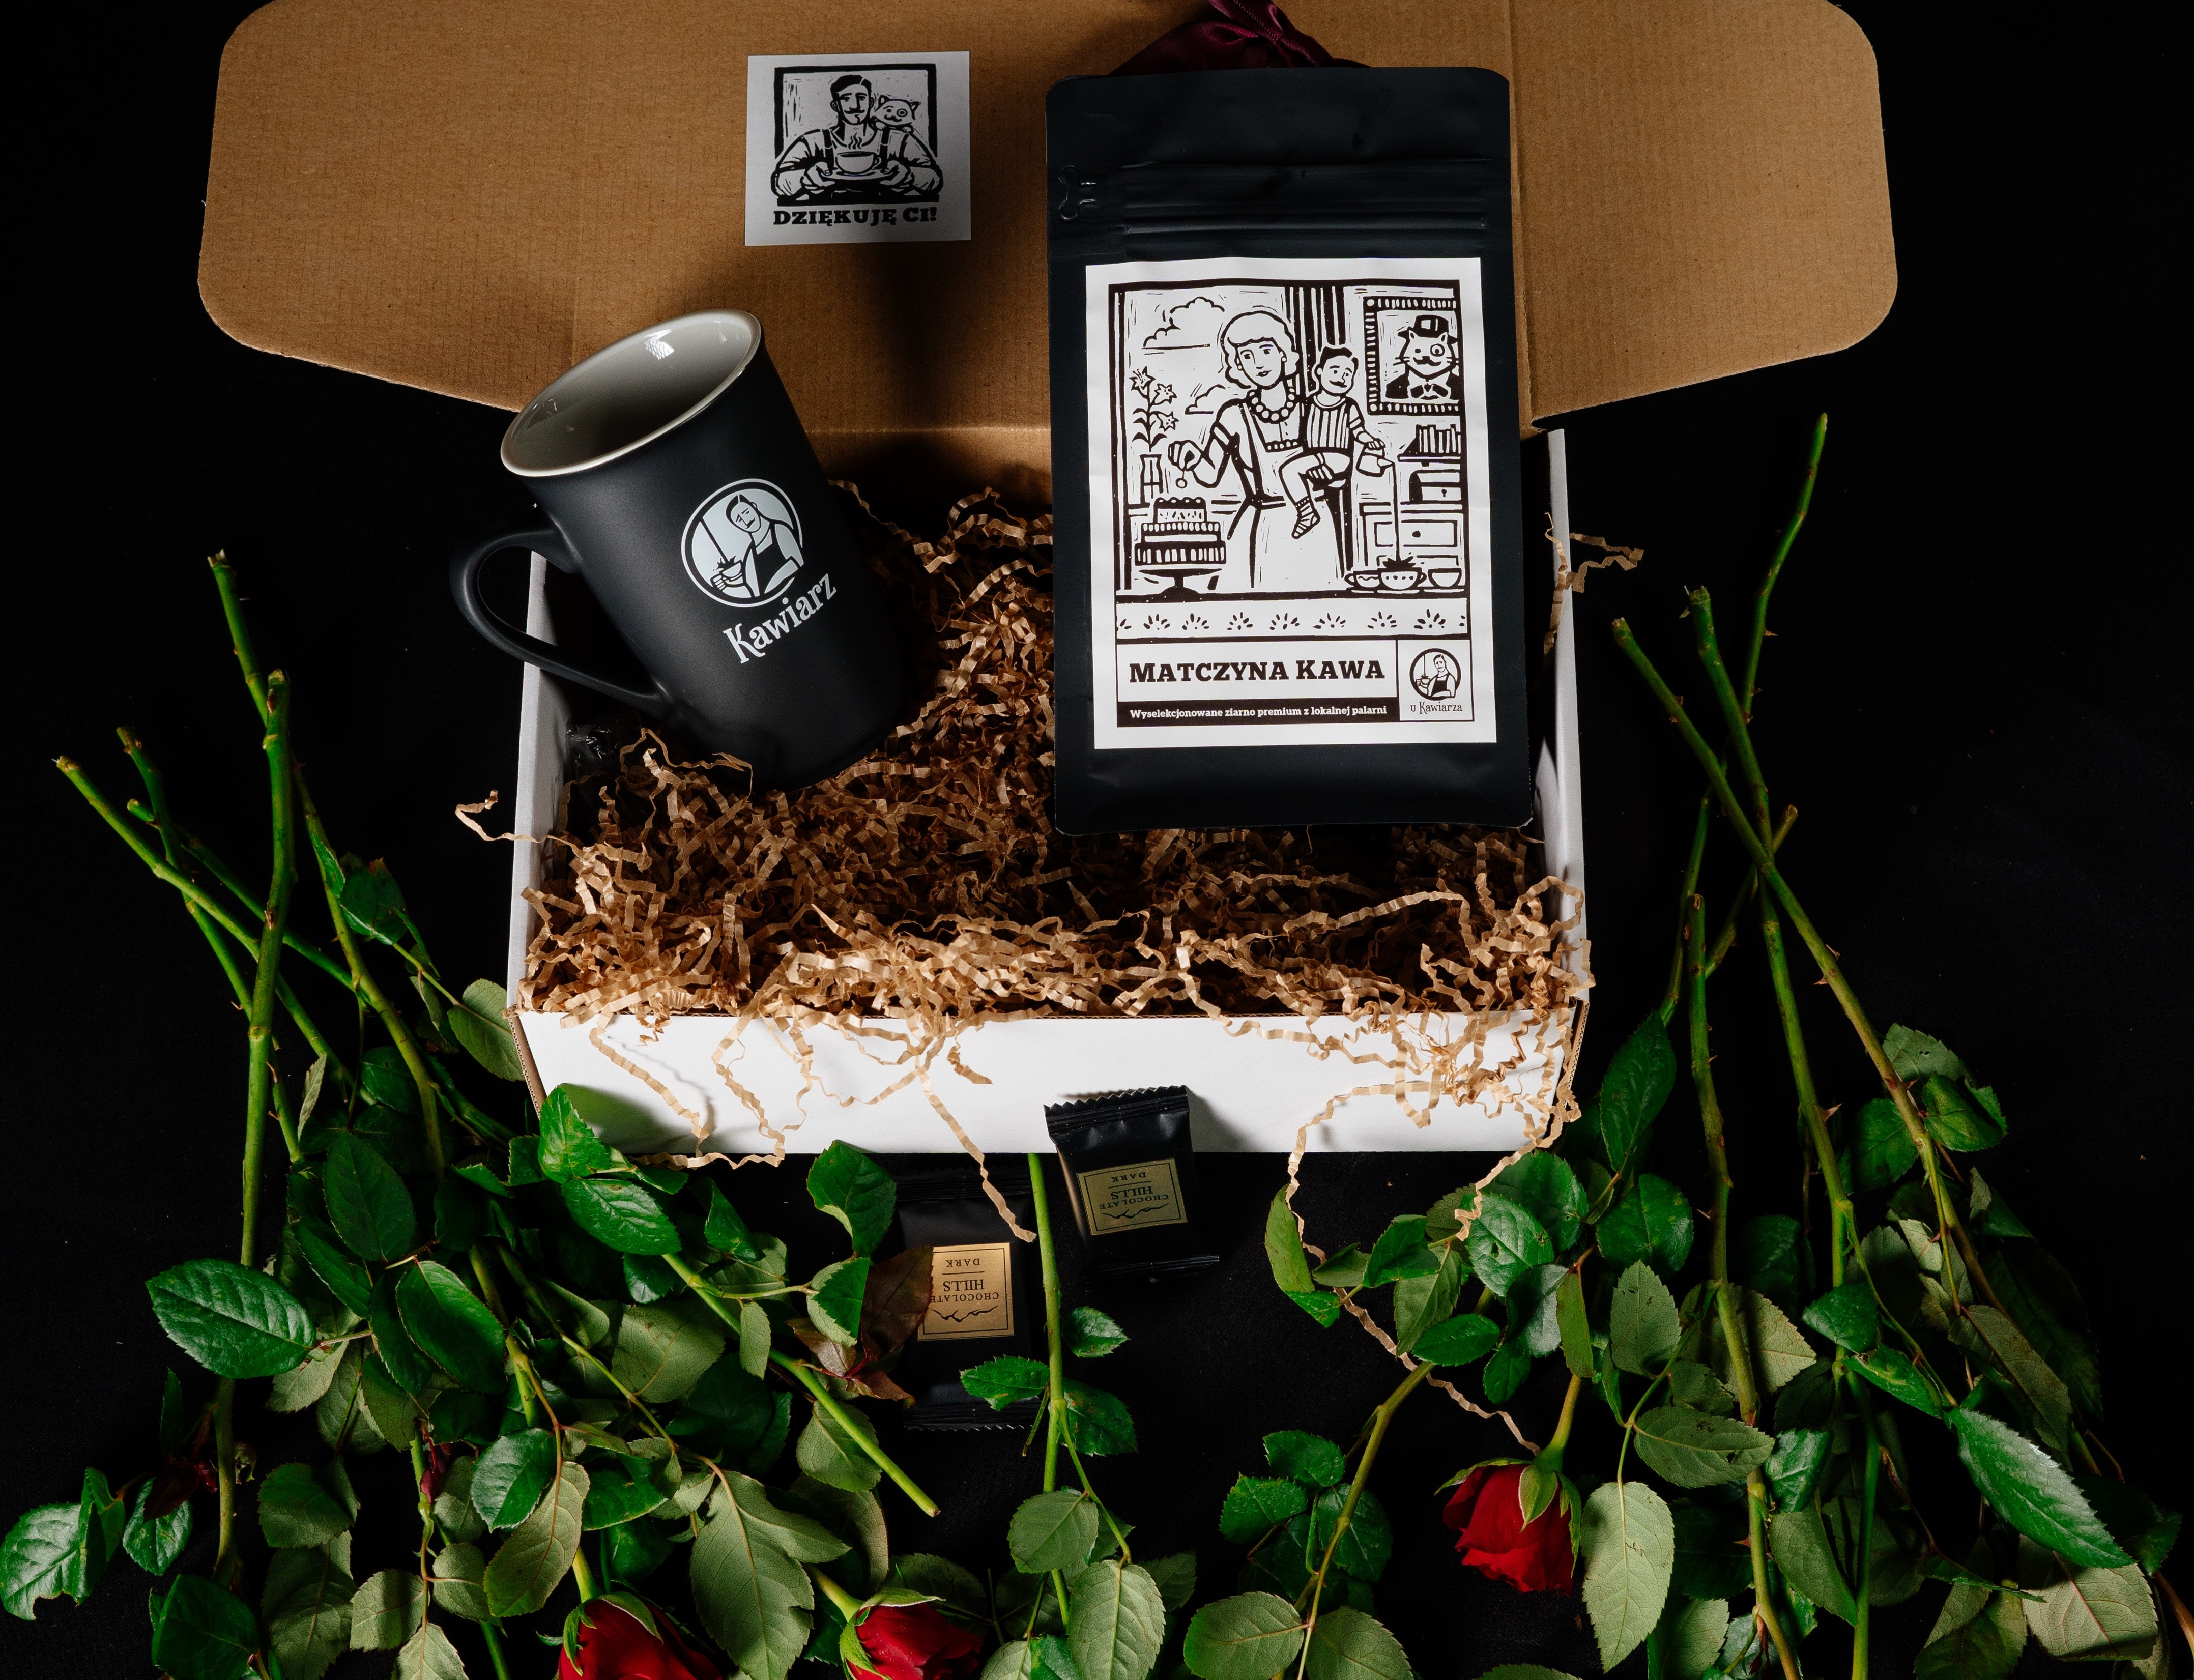 Zestaw prezentowy na Dzień Matki. Kawa ziarnista wysokiej jakości, stylowy kubek i coś słodkiego zapakowane w piękne opakowanie.